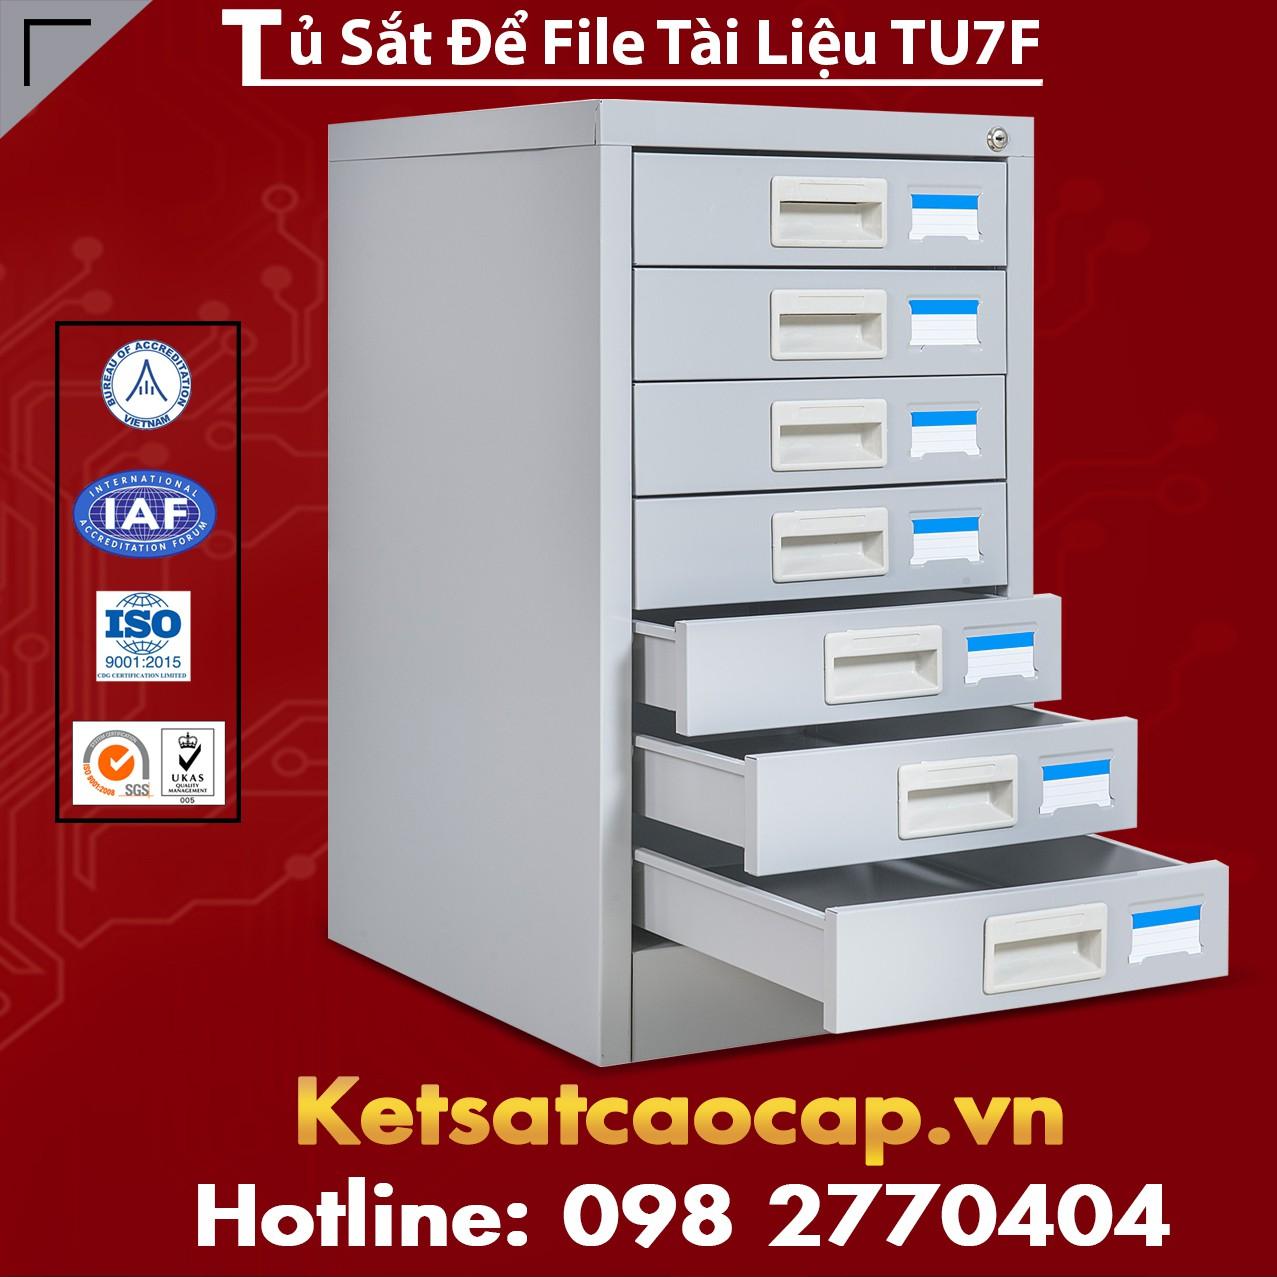 Tủ Sắt Để File Tài Liệu TU7F